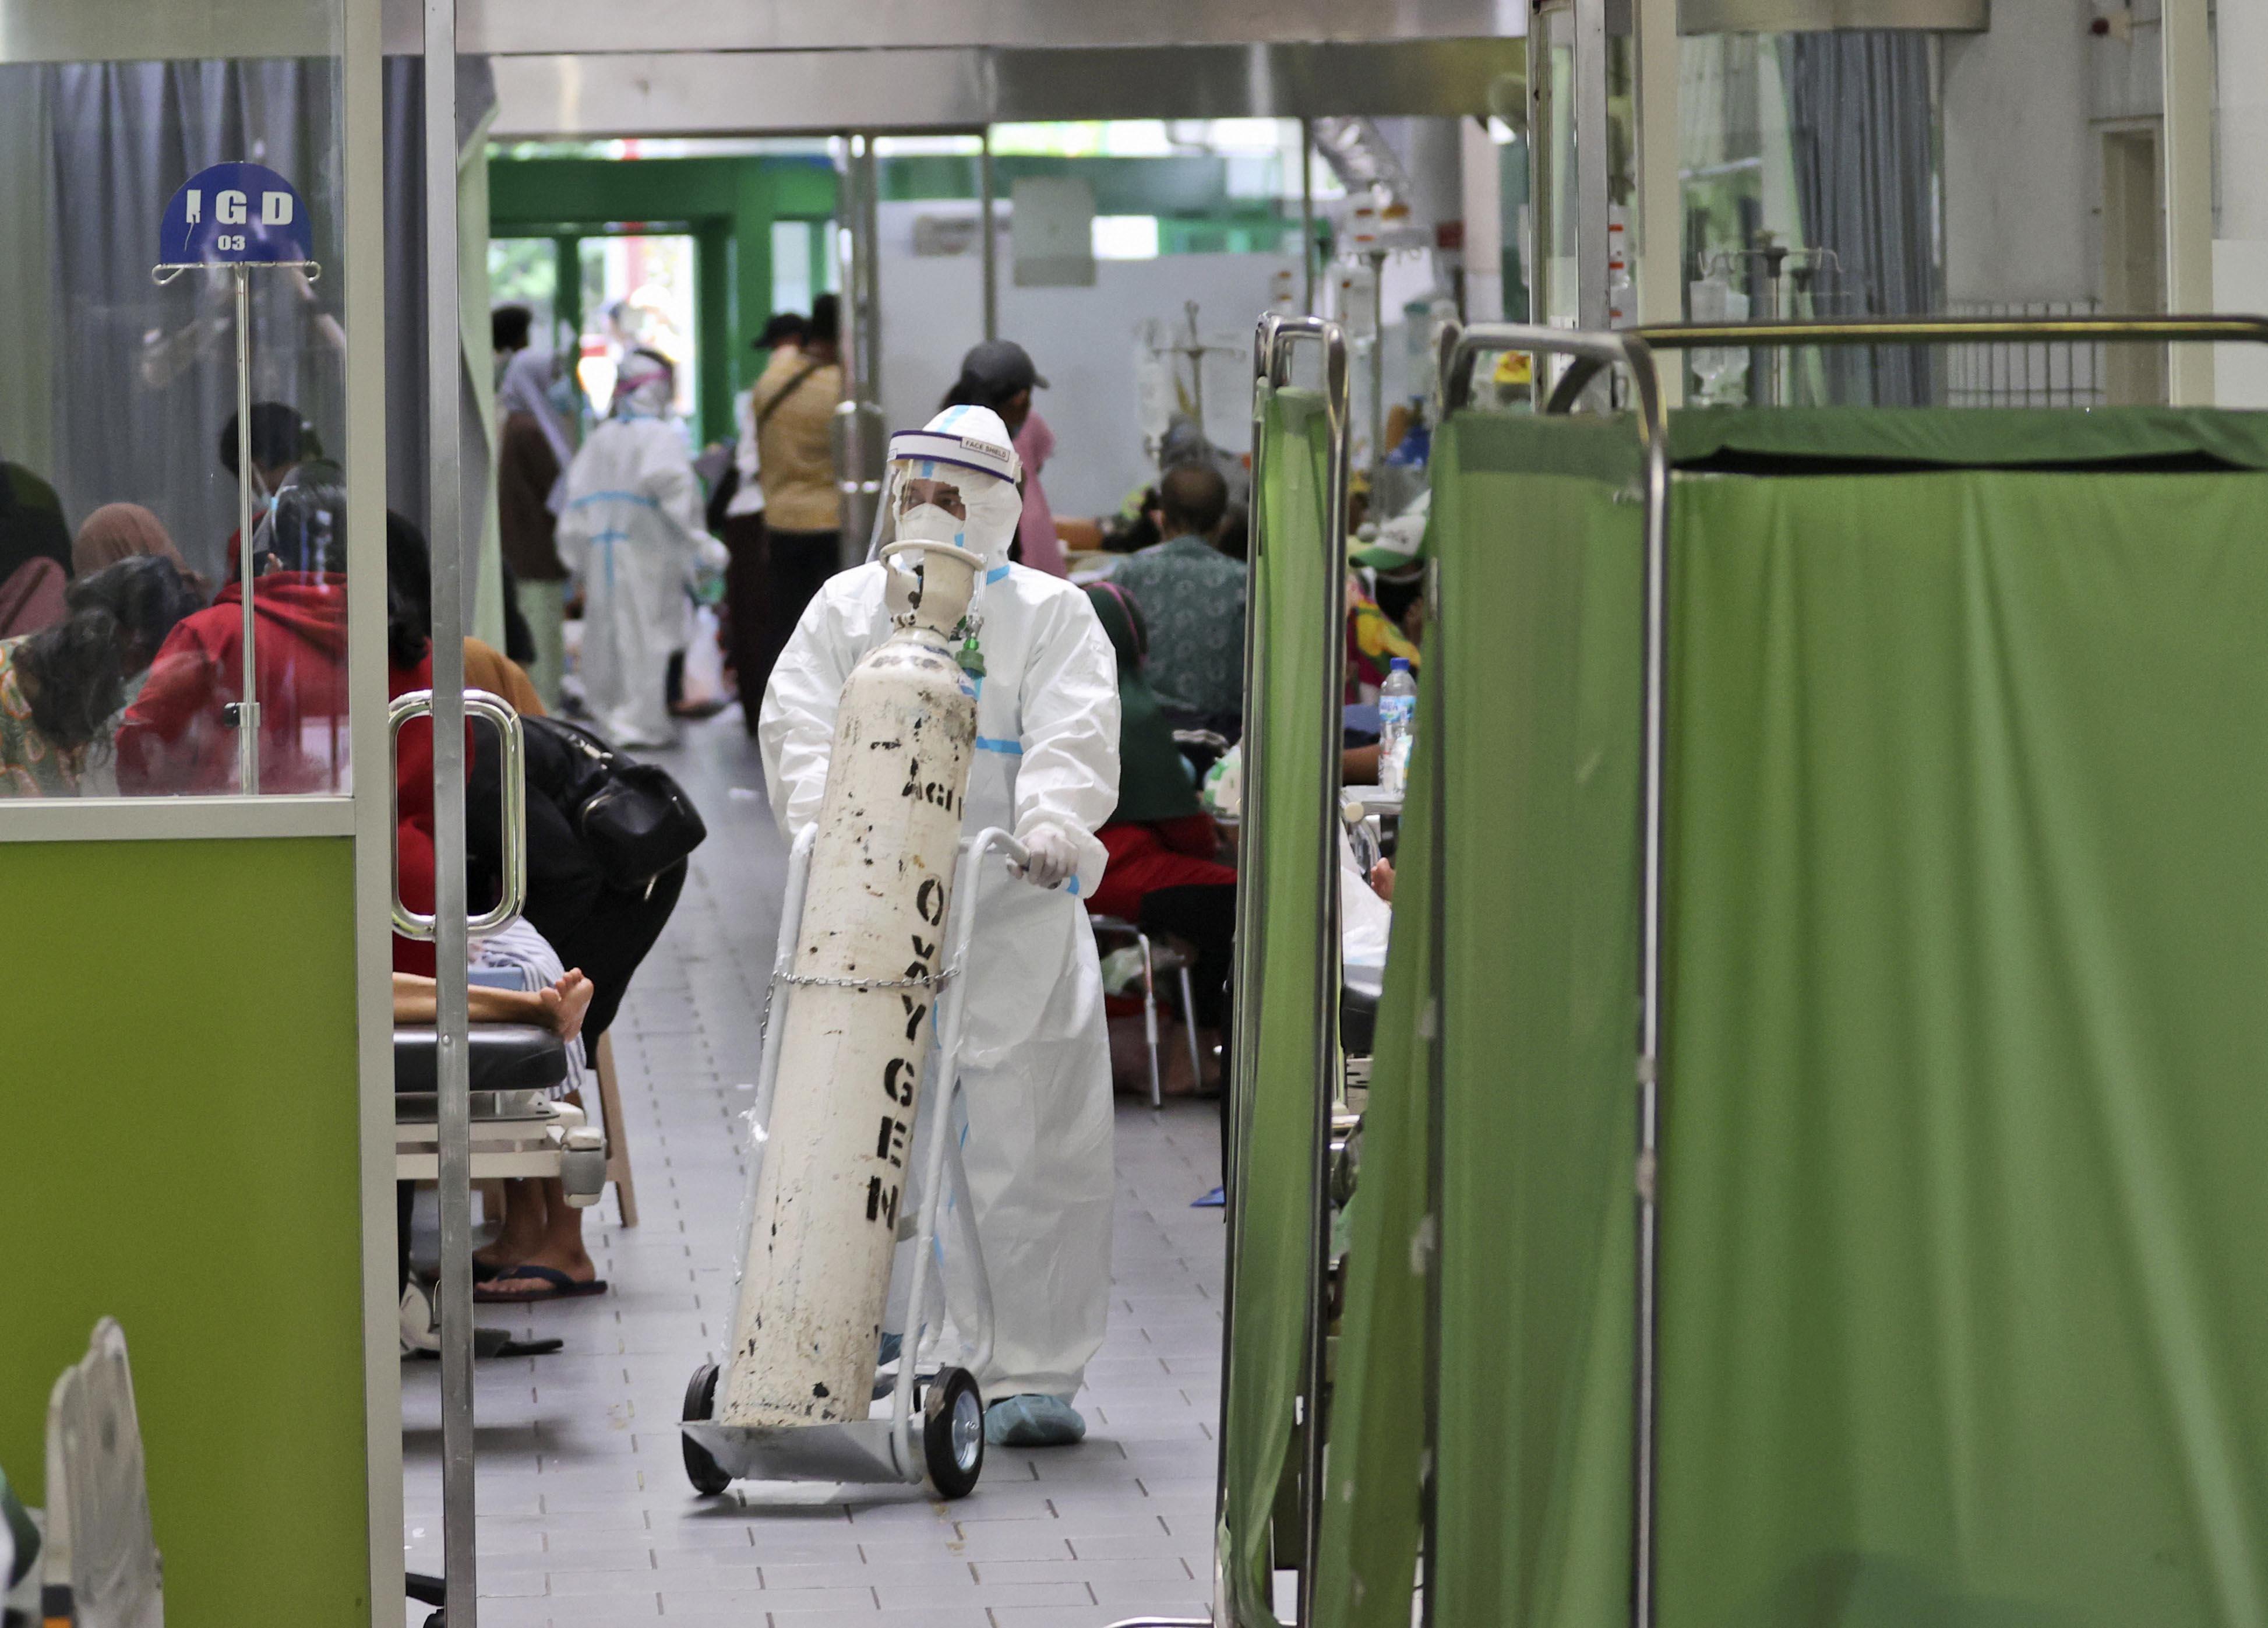 করোনায় মৃত্যু: সোমবার ২৪ ঘণ্টায় করোনায় (Coronavirus) মৃত্যু সংখ্যা ২০২০। ফাইল ছবি : পিটিআই (PTI)